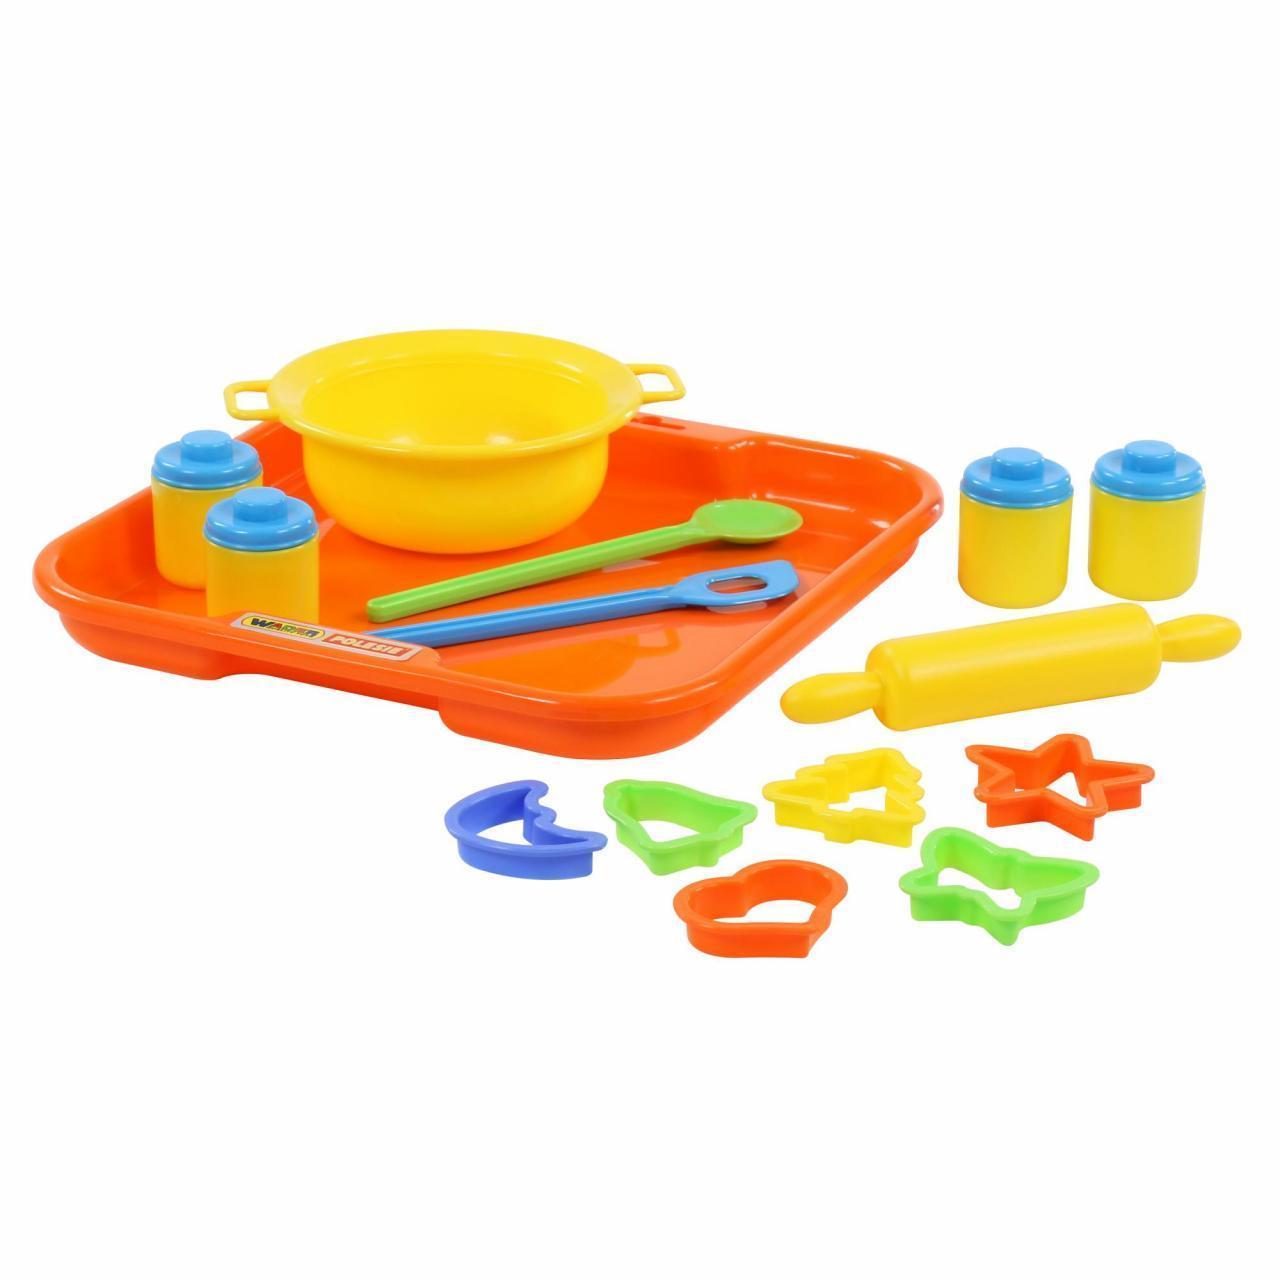 Набор детской посуды для выпечки №1 с подносом, Полесье, 40749